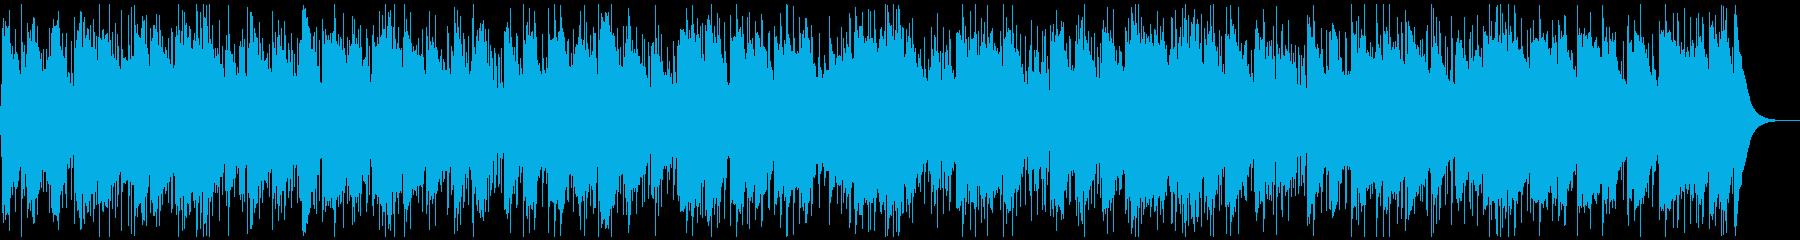 シンプル重厚なハードロックバラードBGMの再生済みの波形